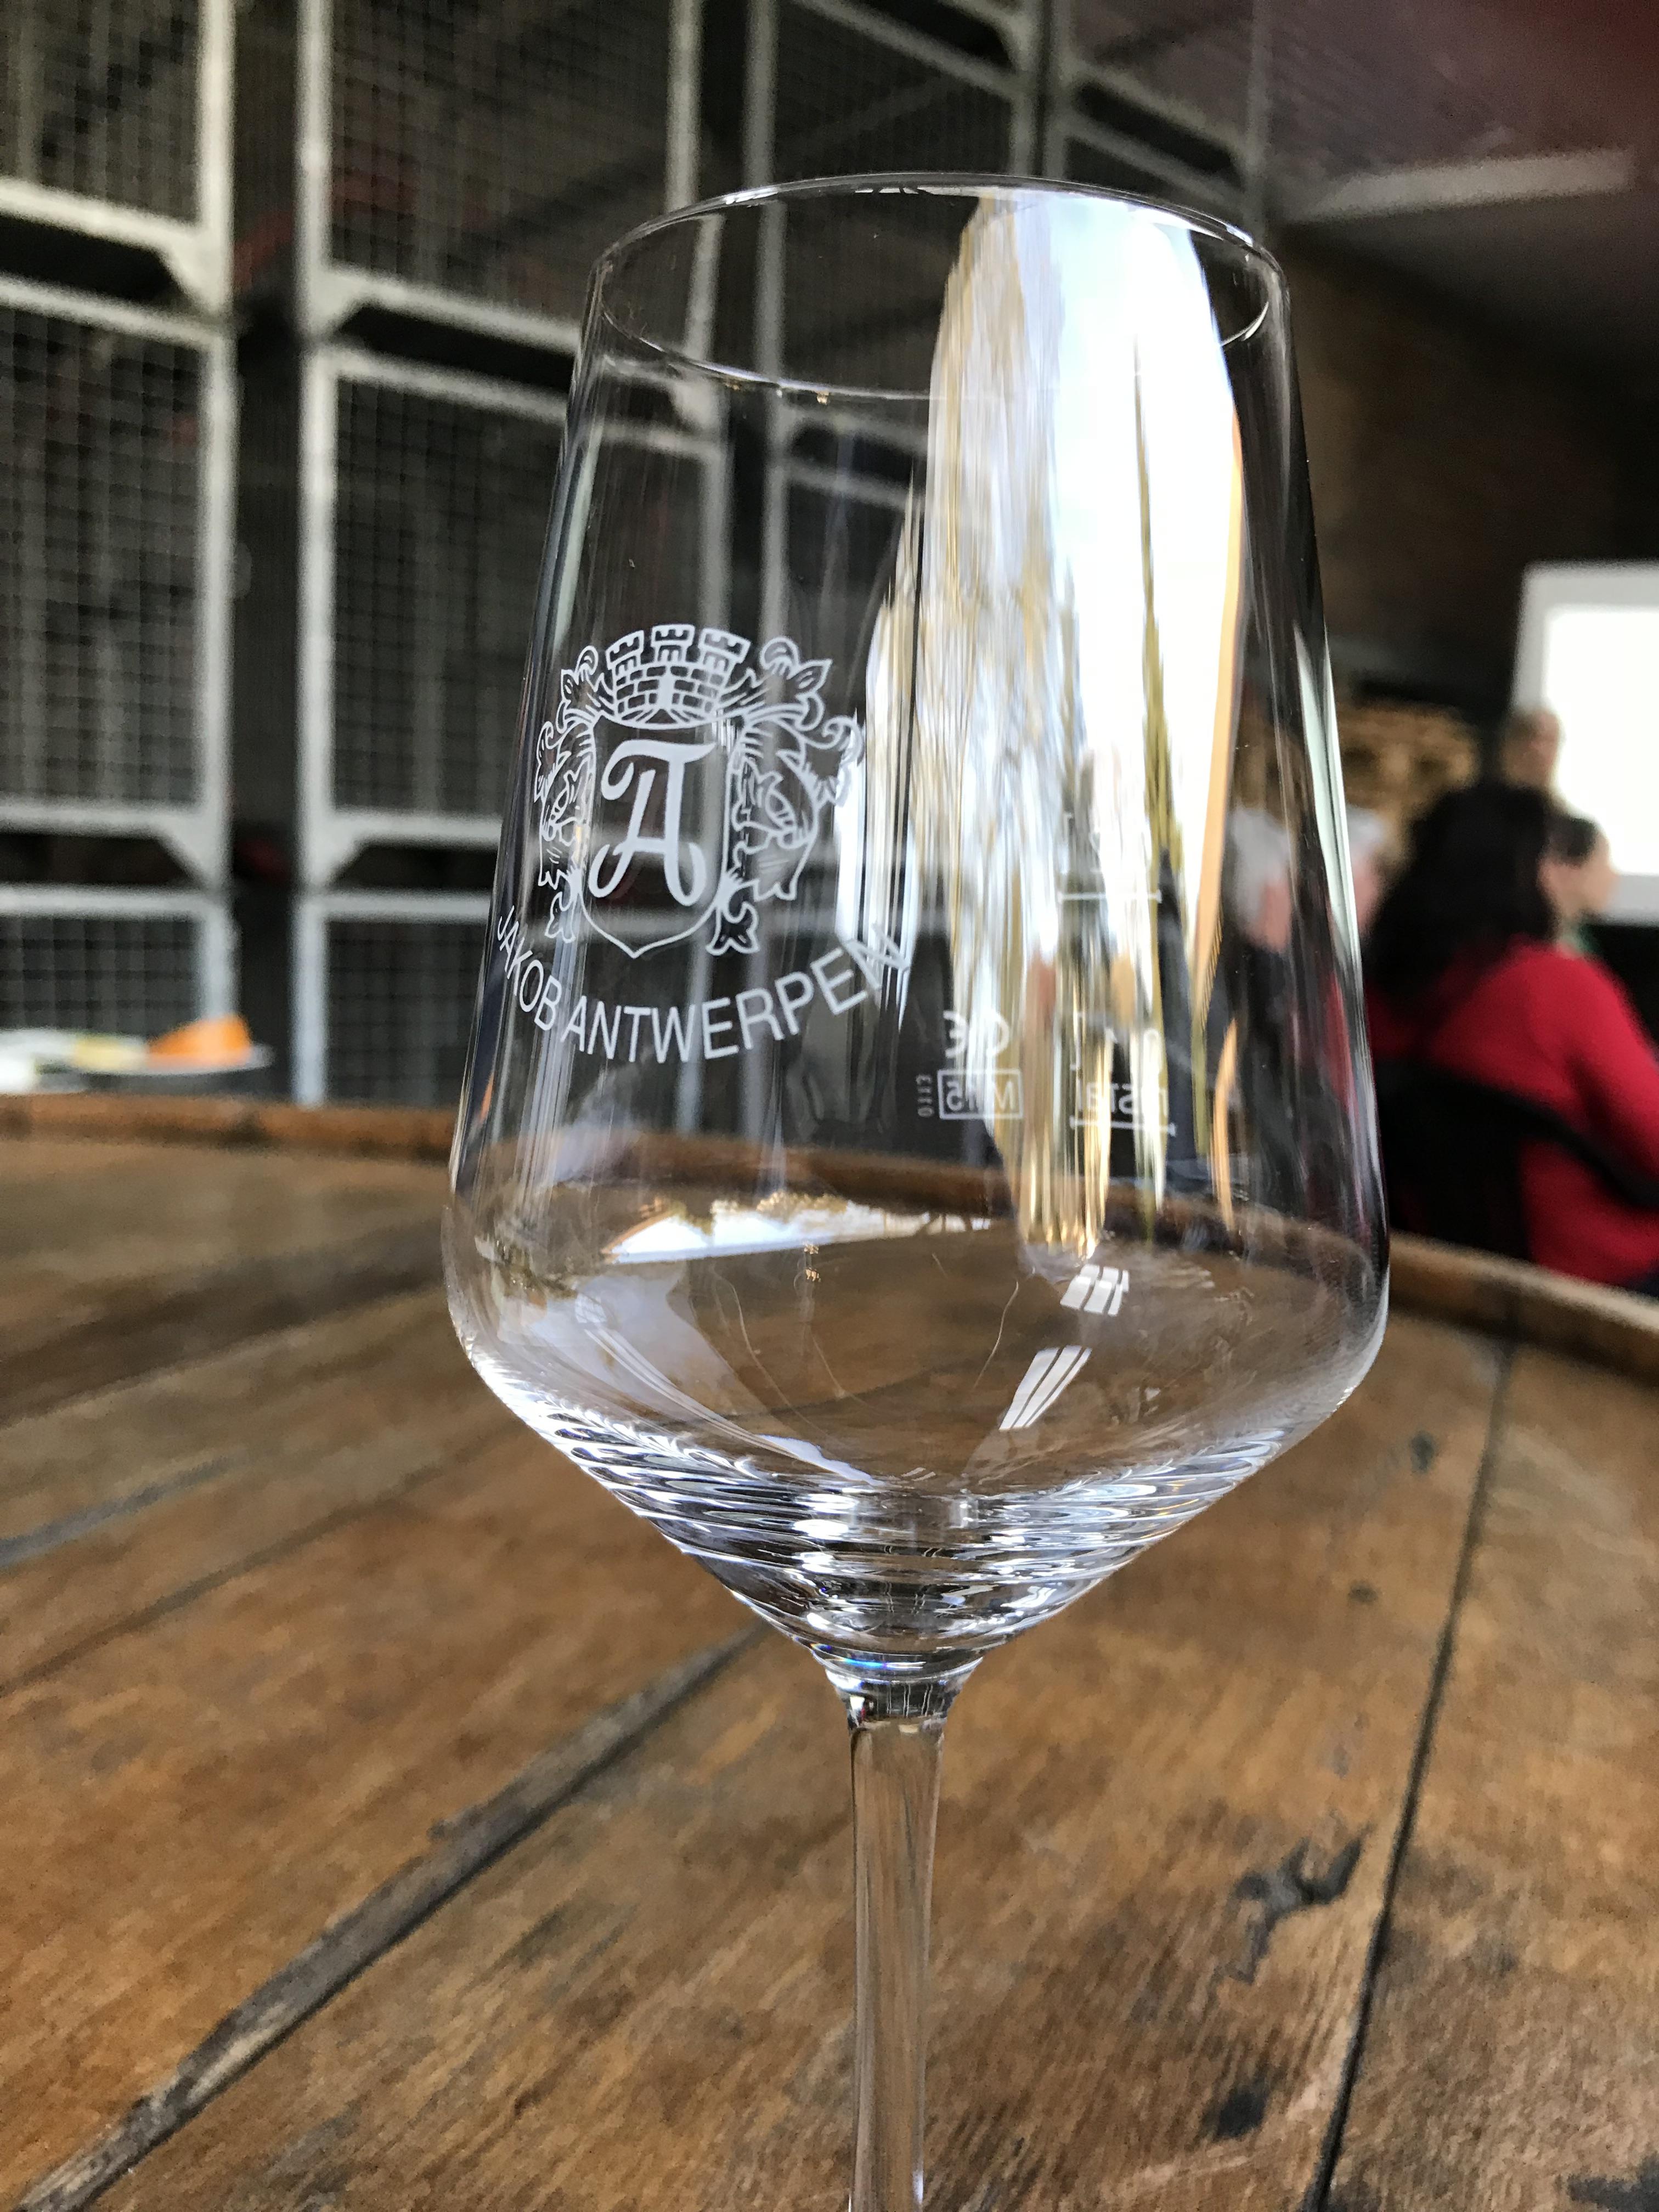 Weinhandlung Jakob Antwerpen